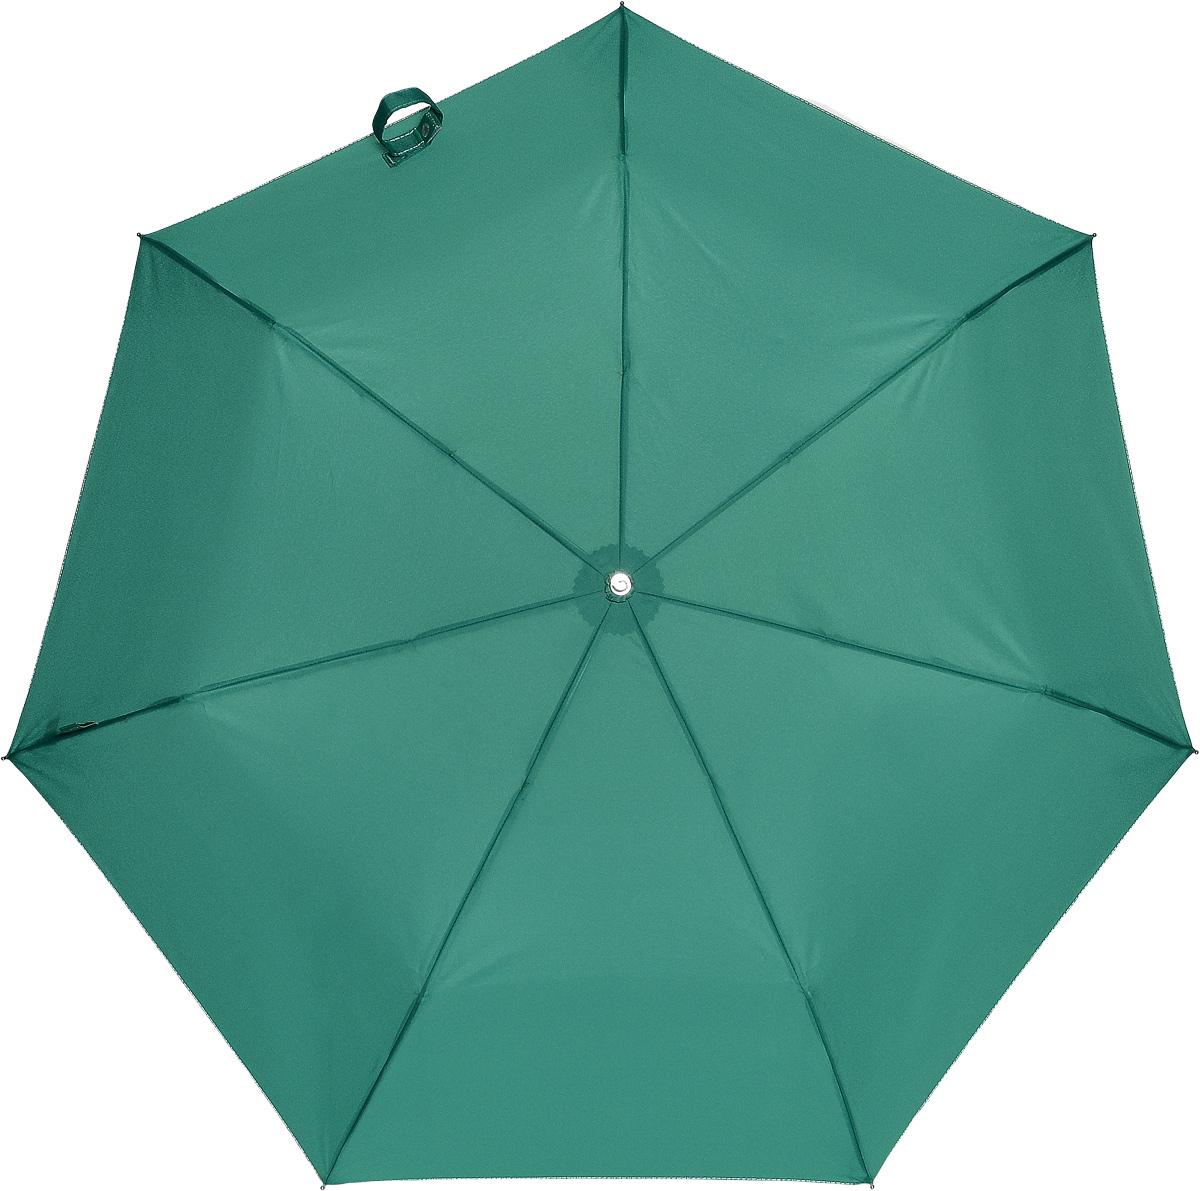 Bisetti 3580-3 Зонт полный автом. 3 сл. жен.45100636-1/18466/6800NЗонт испанского производителя Clima. В производстве зонтов используются современные материалы, что делает зонты легкими, но в то же время крепкими.Полный автомат, 3 сложения, 8 спиц по 54см, полиэстер.